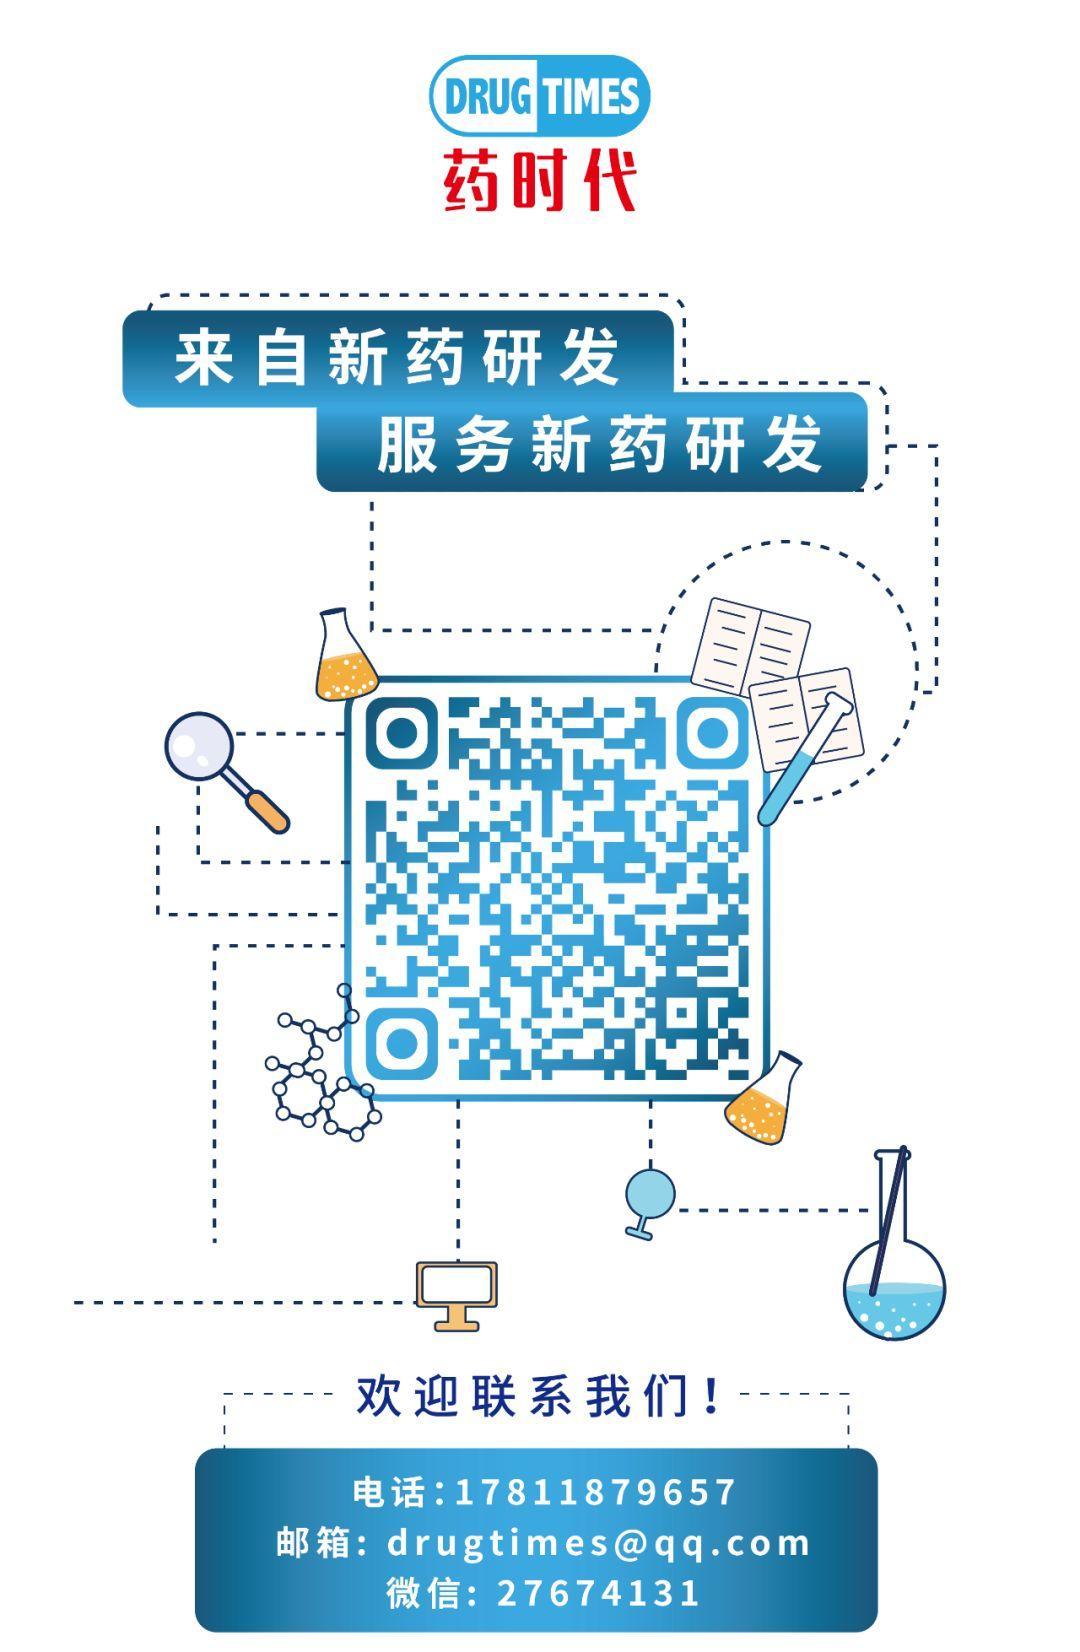 重大战略调整!诺华(中国)生物医学研究中心(CNIBR)将转型为早期临床开发全球卓越中心